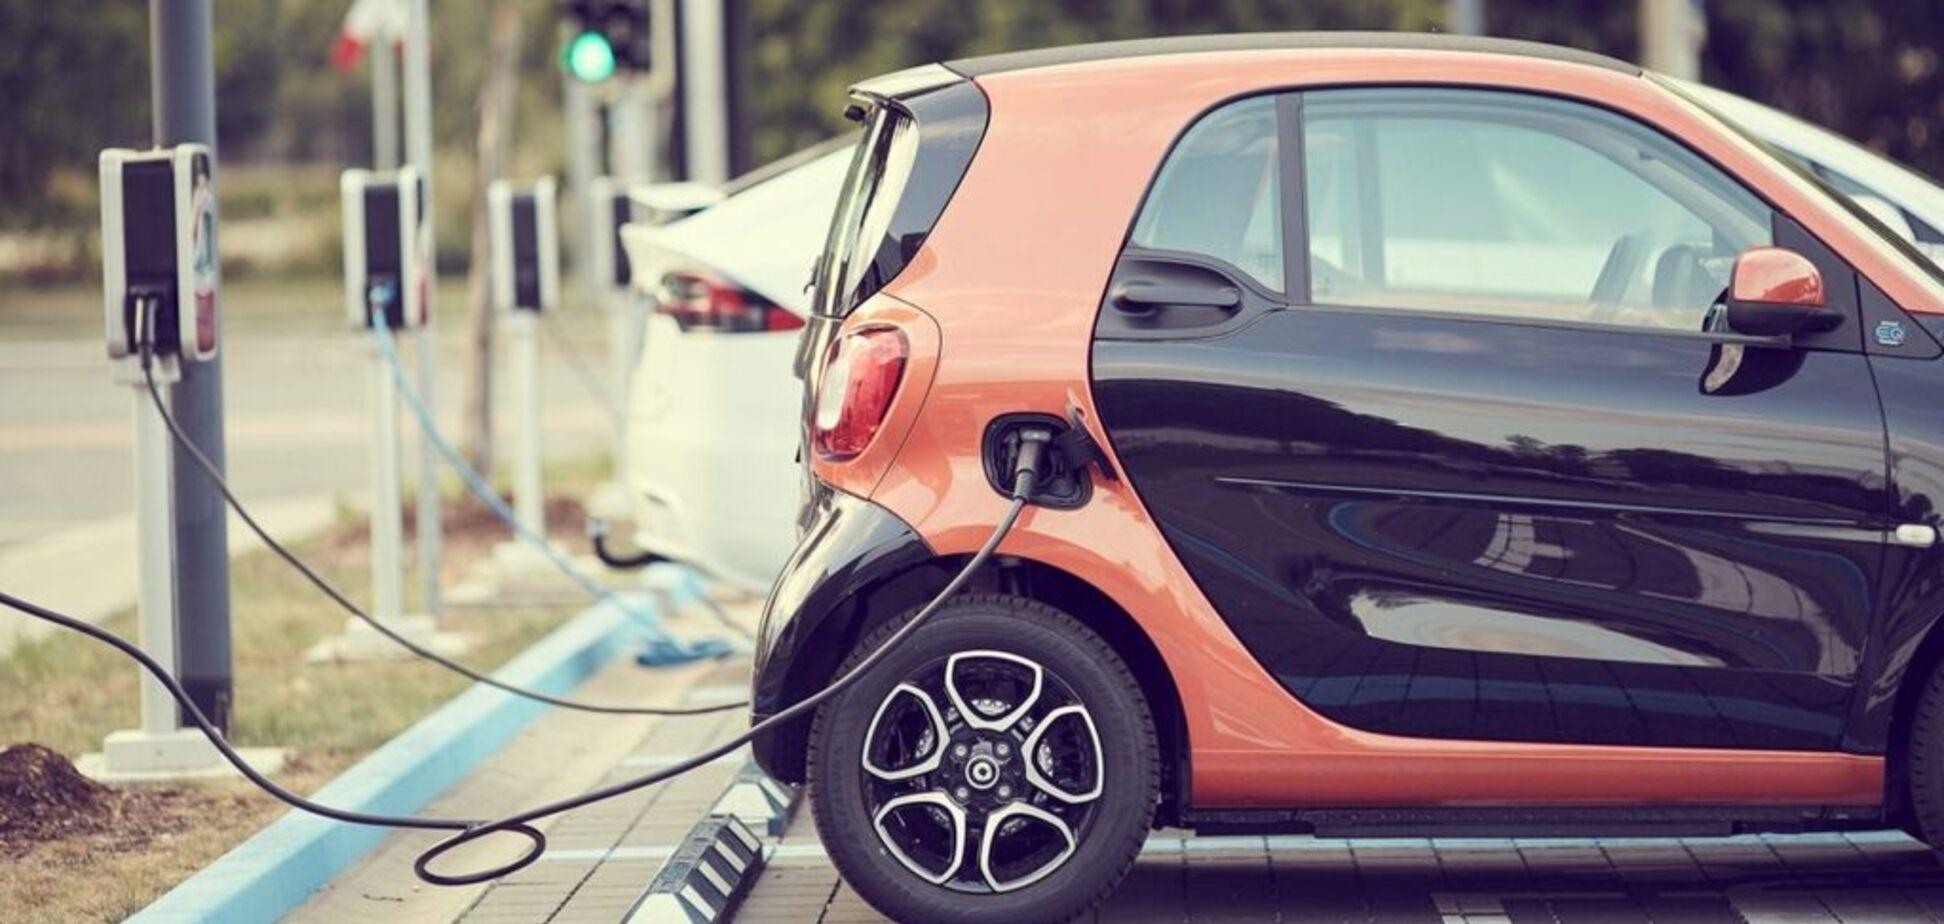 Чистые и 'бесплатные': в Европе установят кардинально новые зарядки для электромобилей